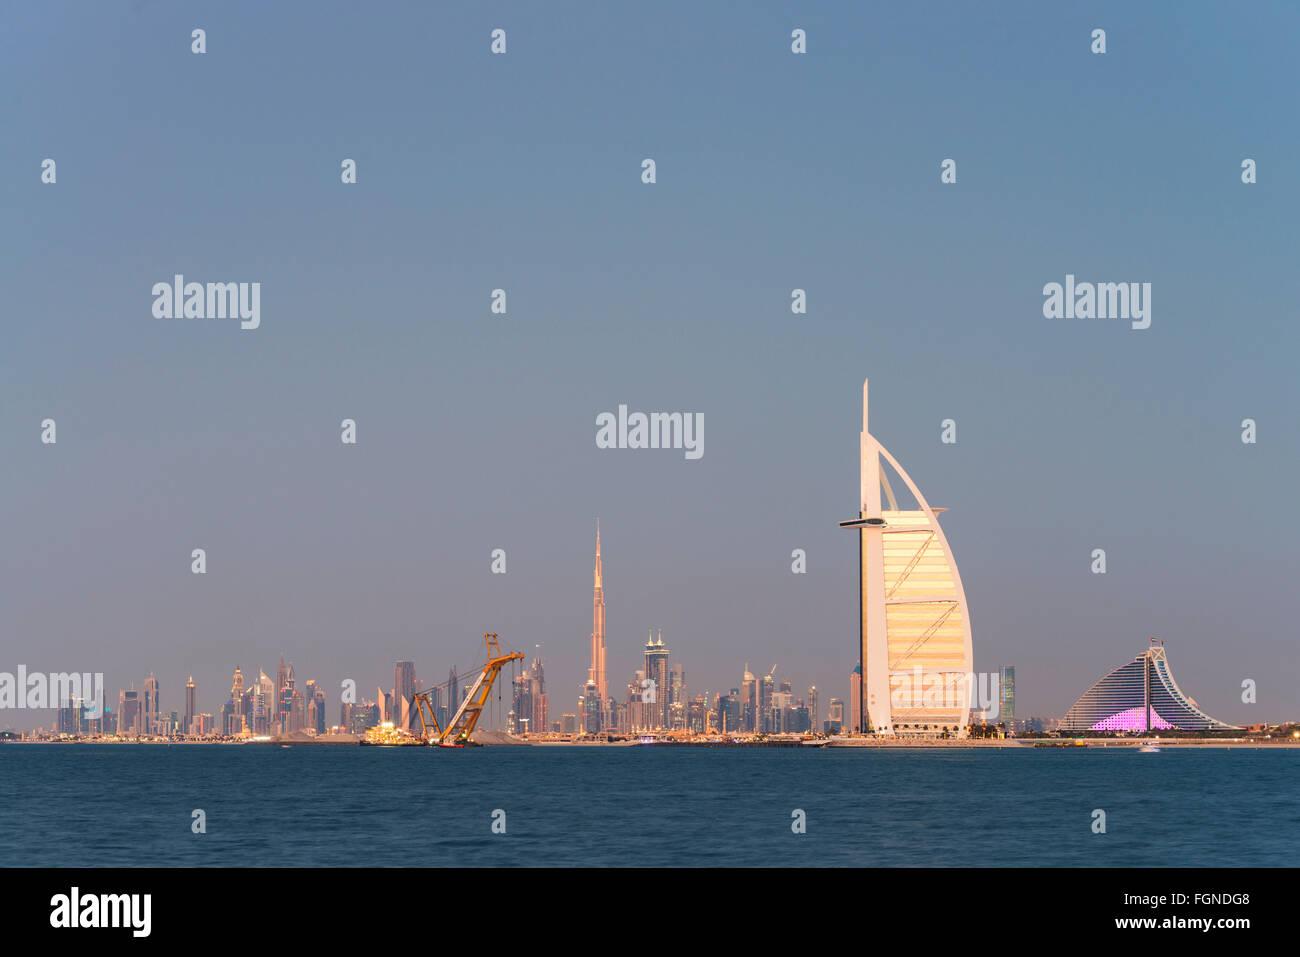 Horizonte de Dubai waterfront con el Burj al Arab Hotel en Emiratos Arabes Unidos Imagen De Stock